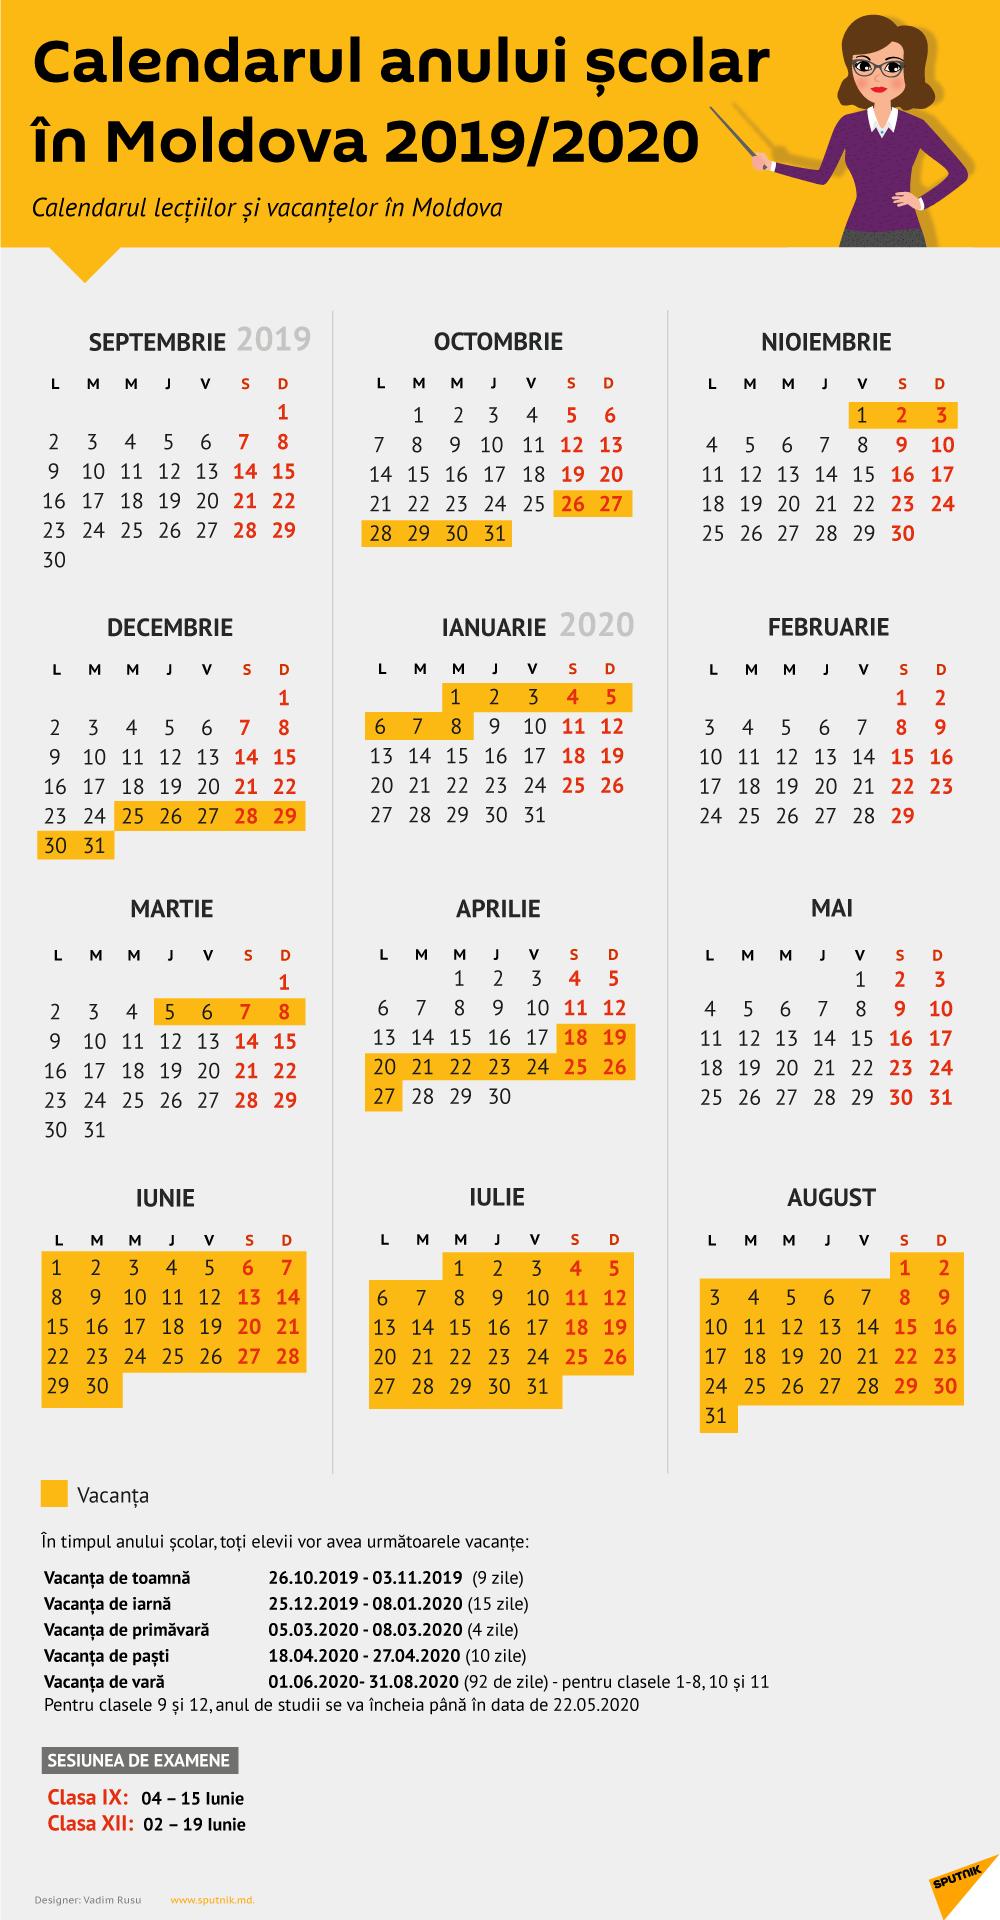 Structura Anului Școlar 2019 Și 2020  Calendar Moldova with Calendar 2020 Cu Zile Lucratoare